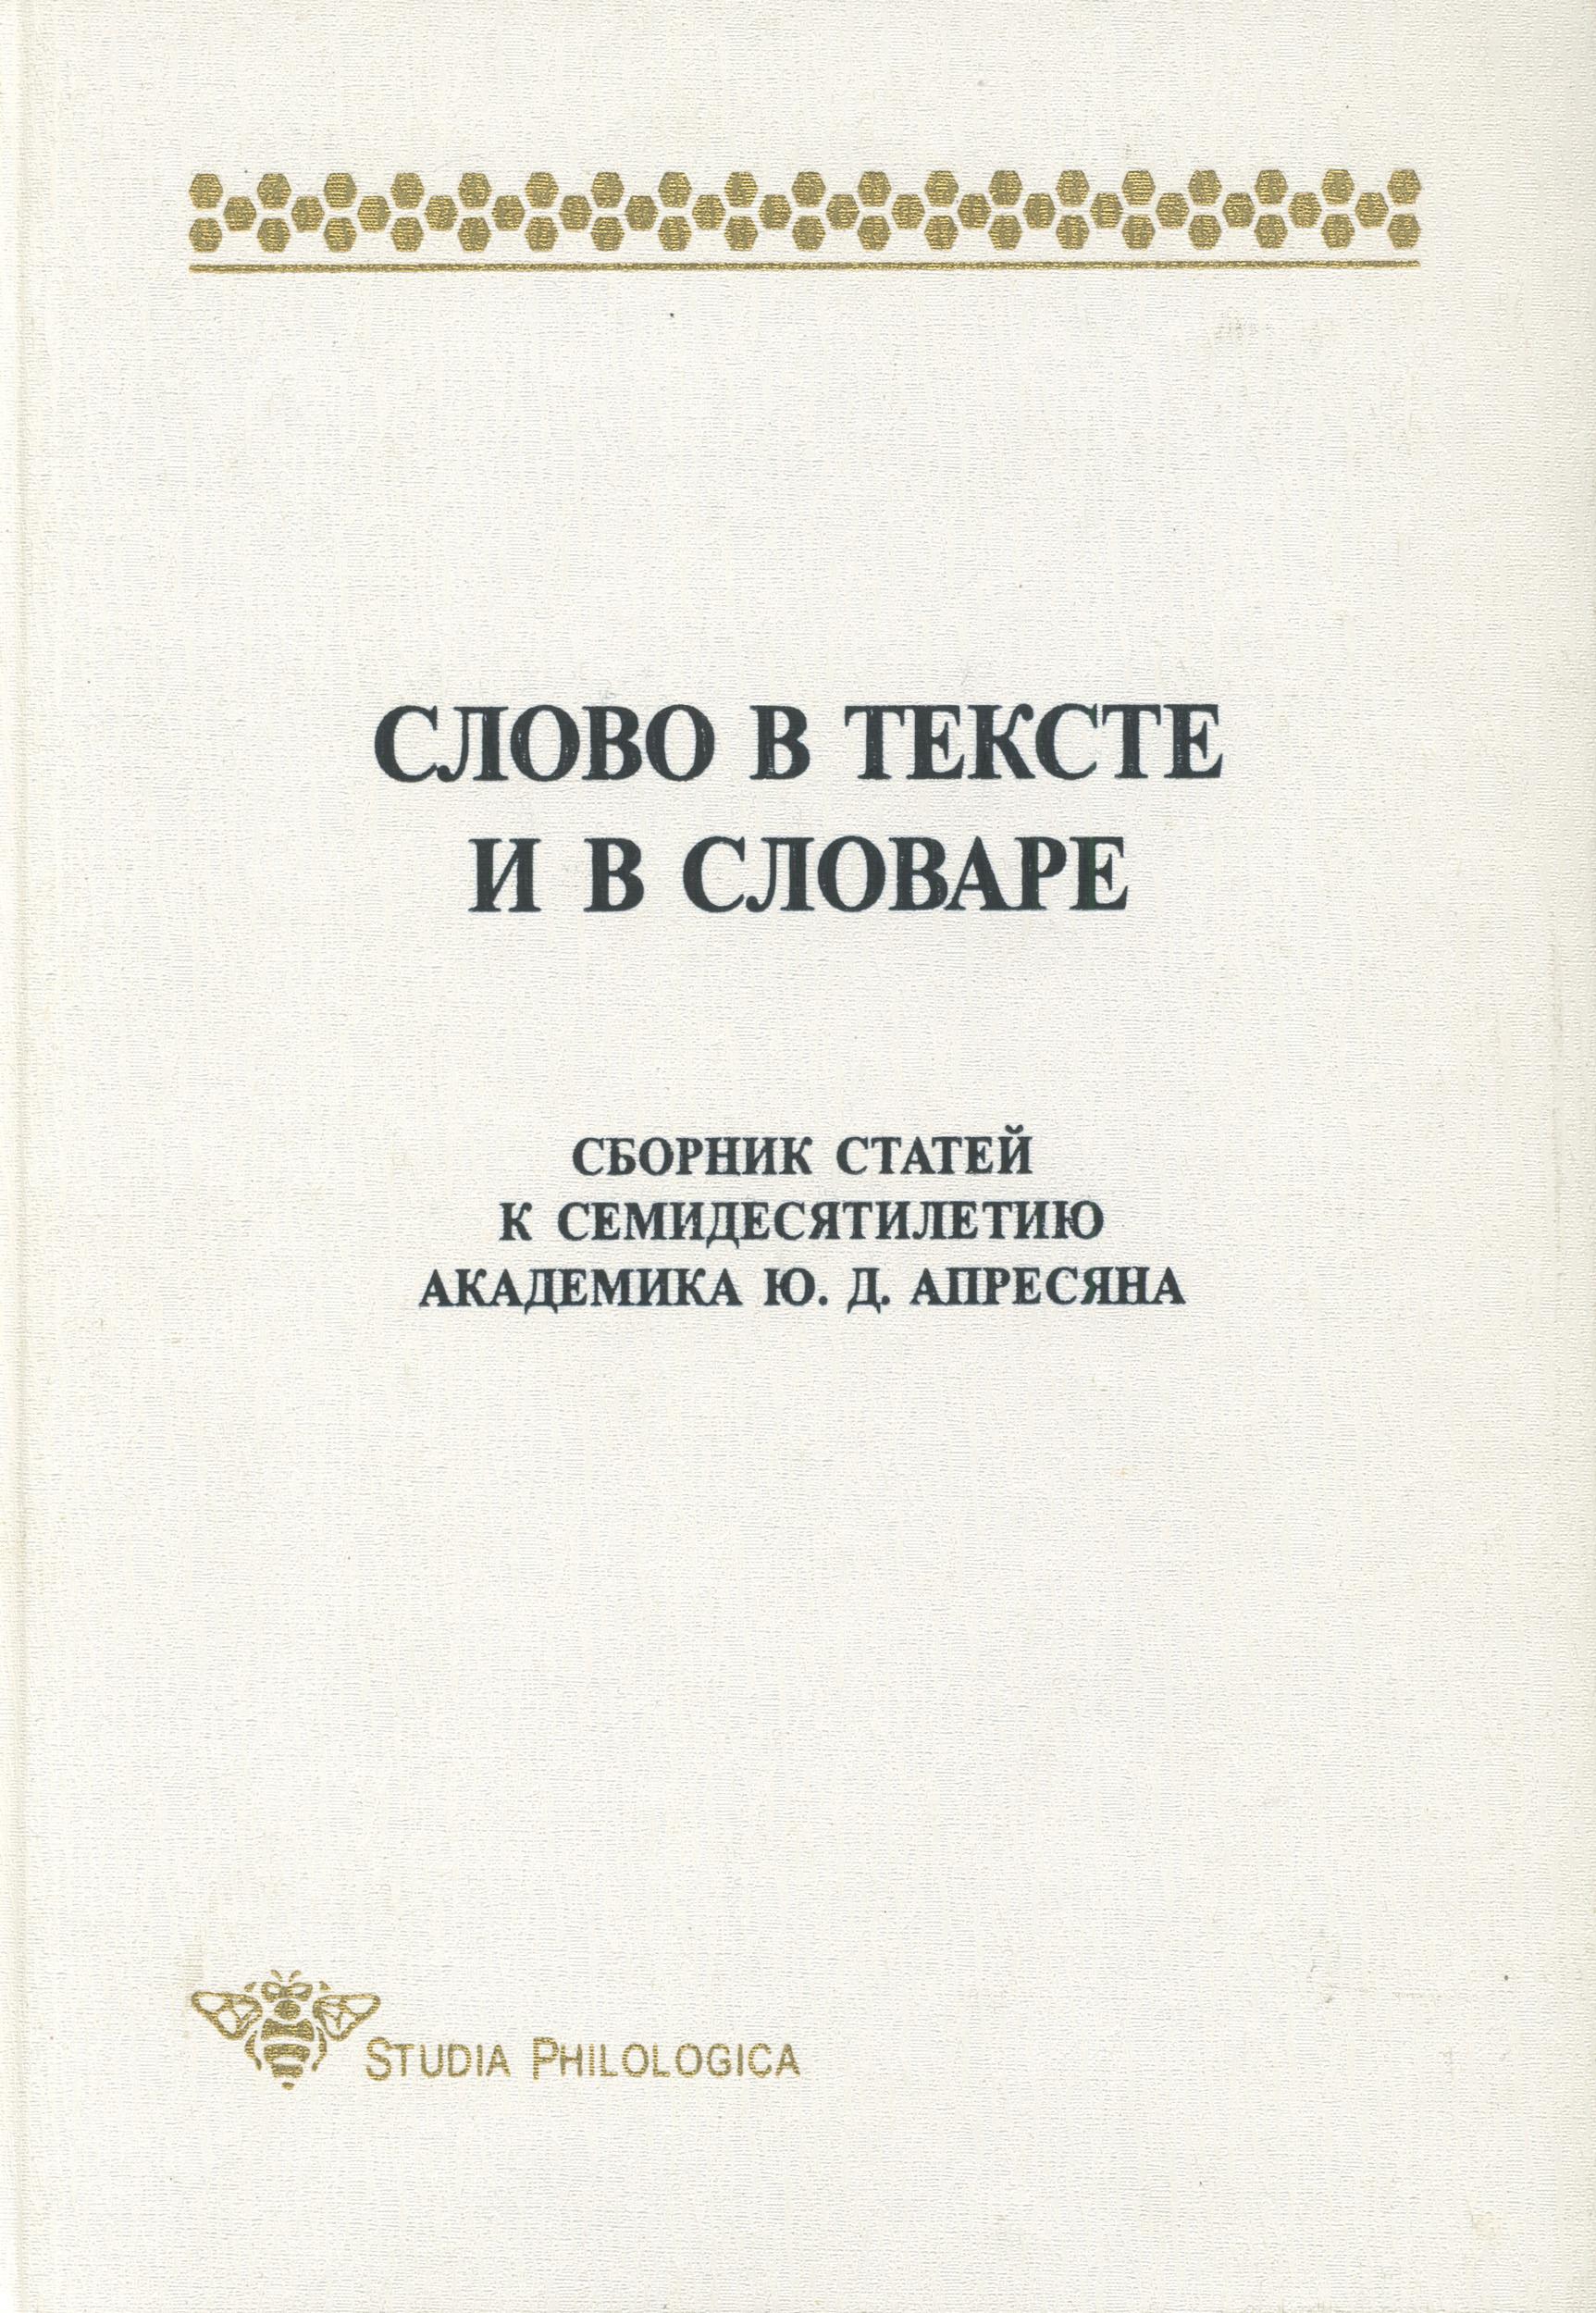 Слово в тексте и в словаре. Сборник статей к семидесятилетию академика Ю. Д. Апресяна